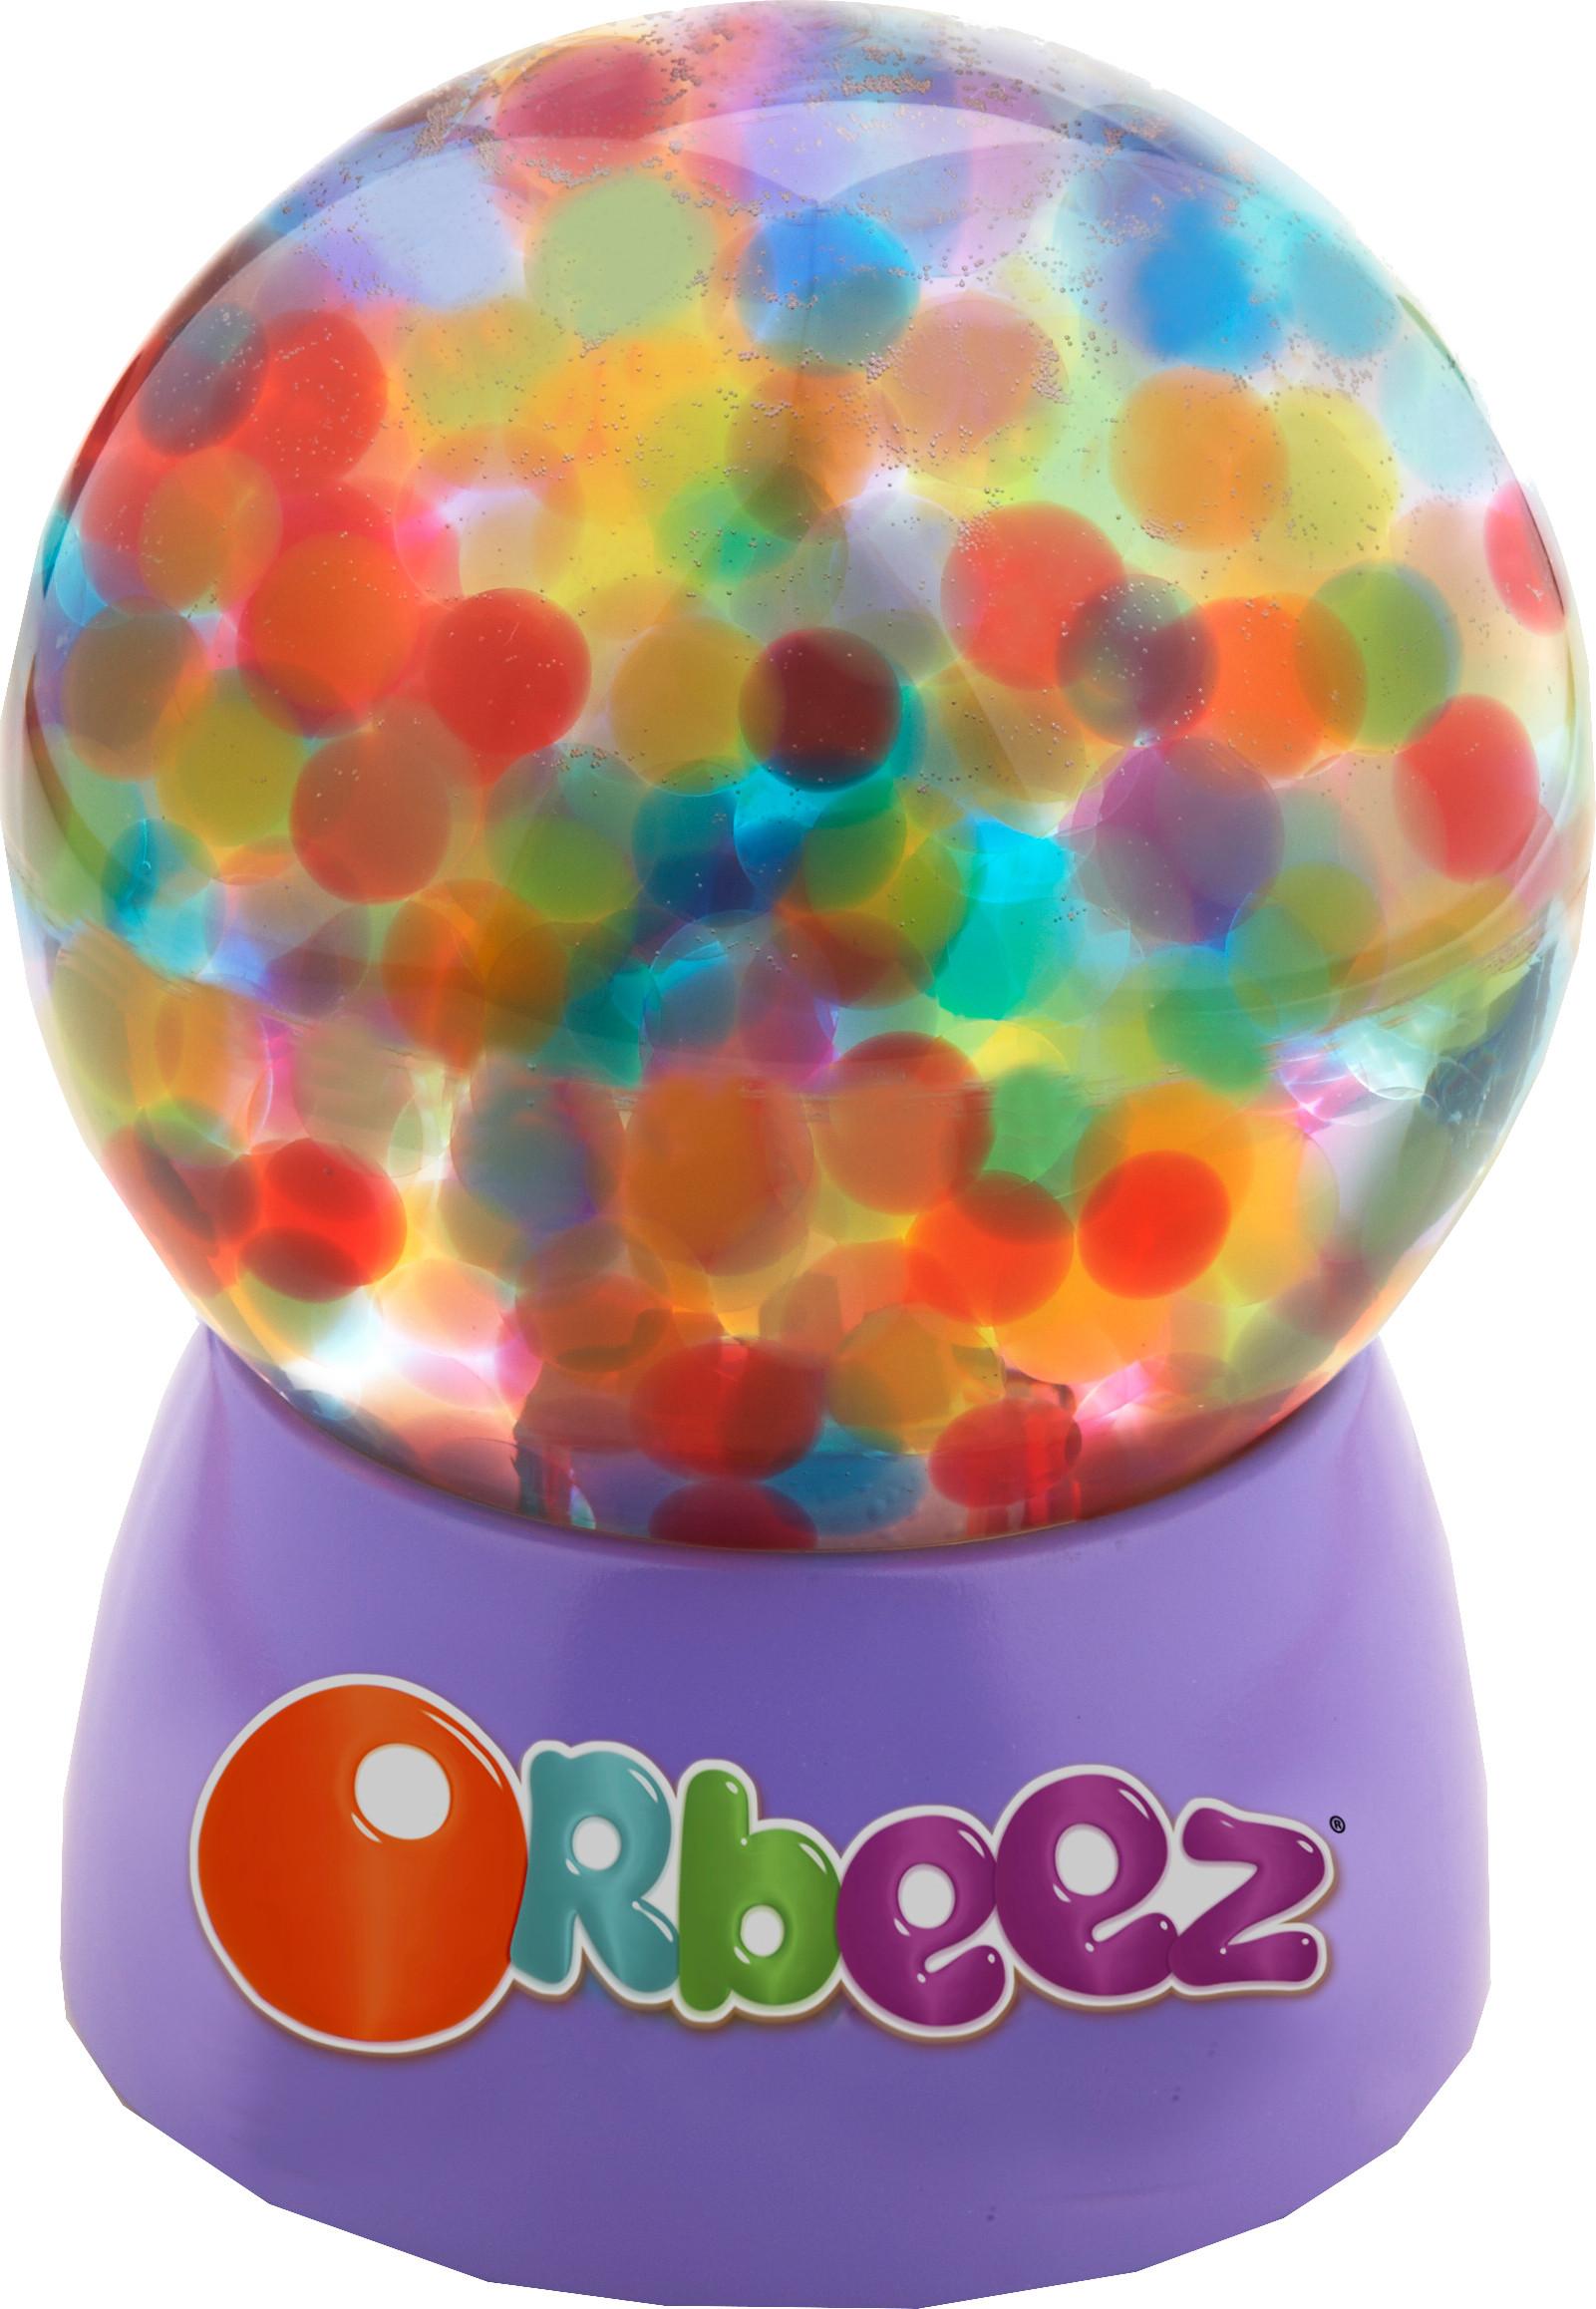 Orbeez Price list in India. Buy Orbeez Online at best ...